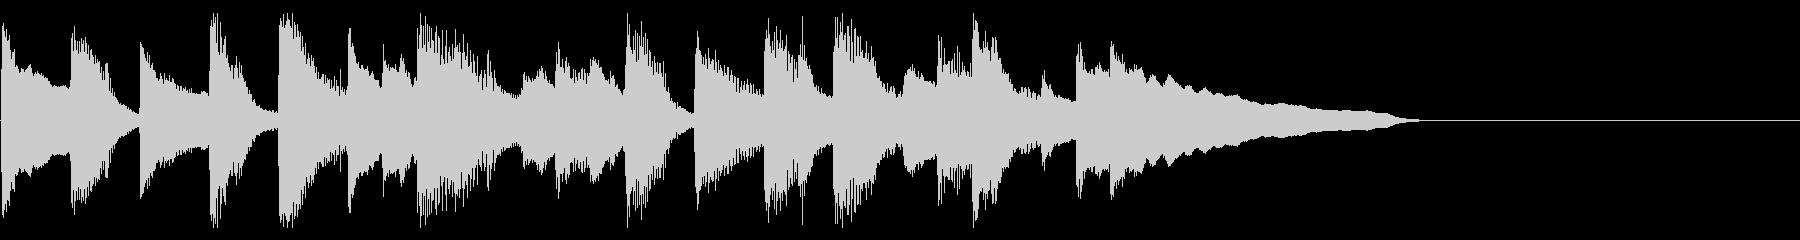 ほのぼのした可愛いピコピコ音のジングルの未再生の波形